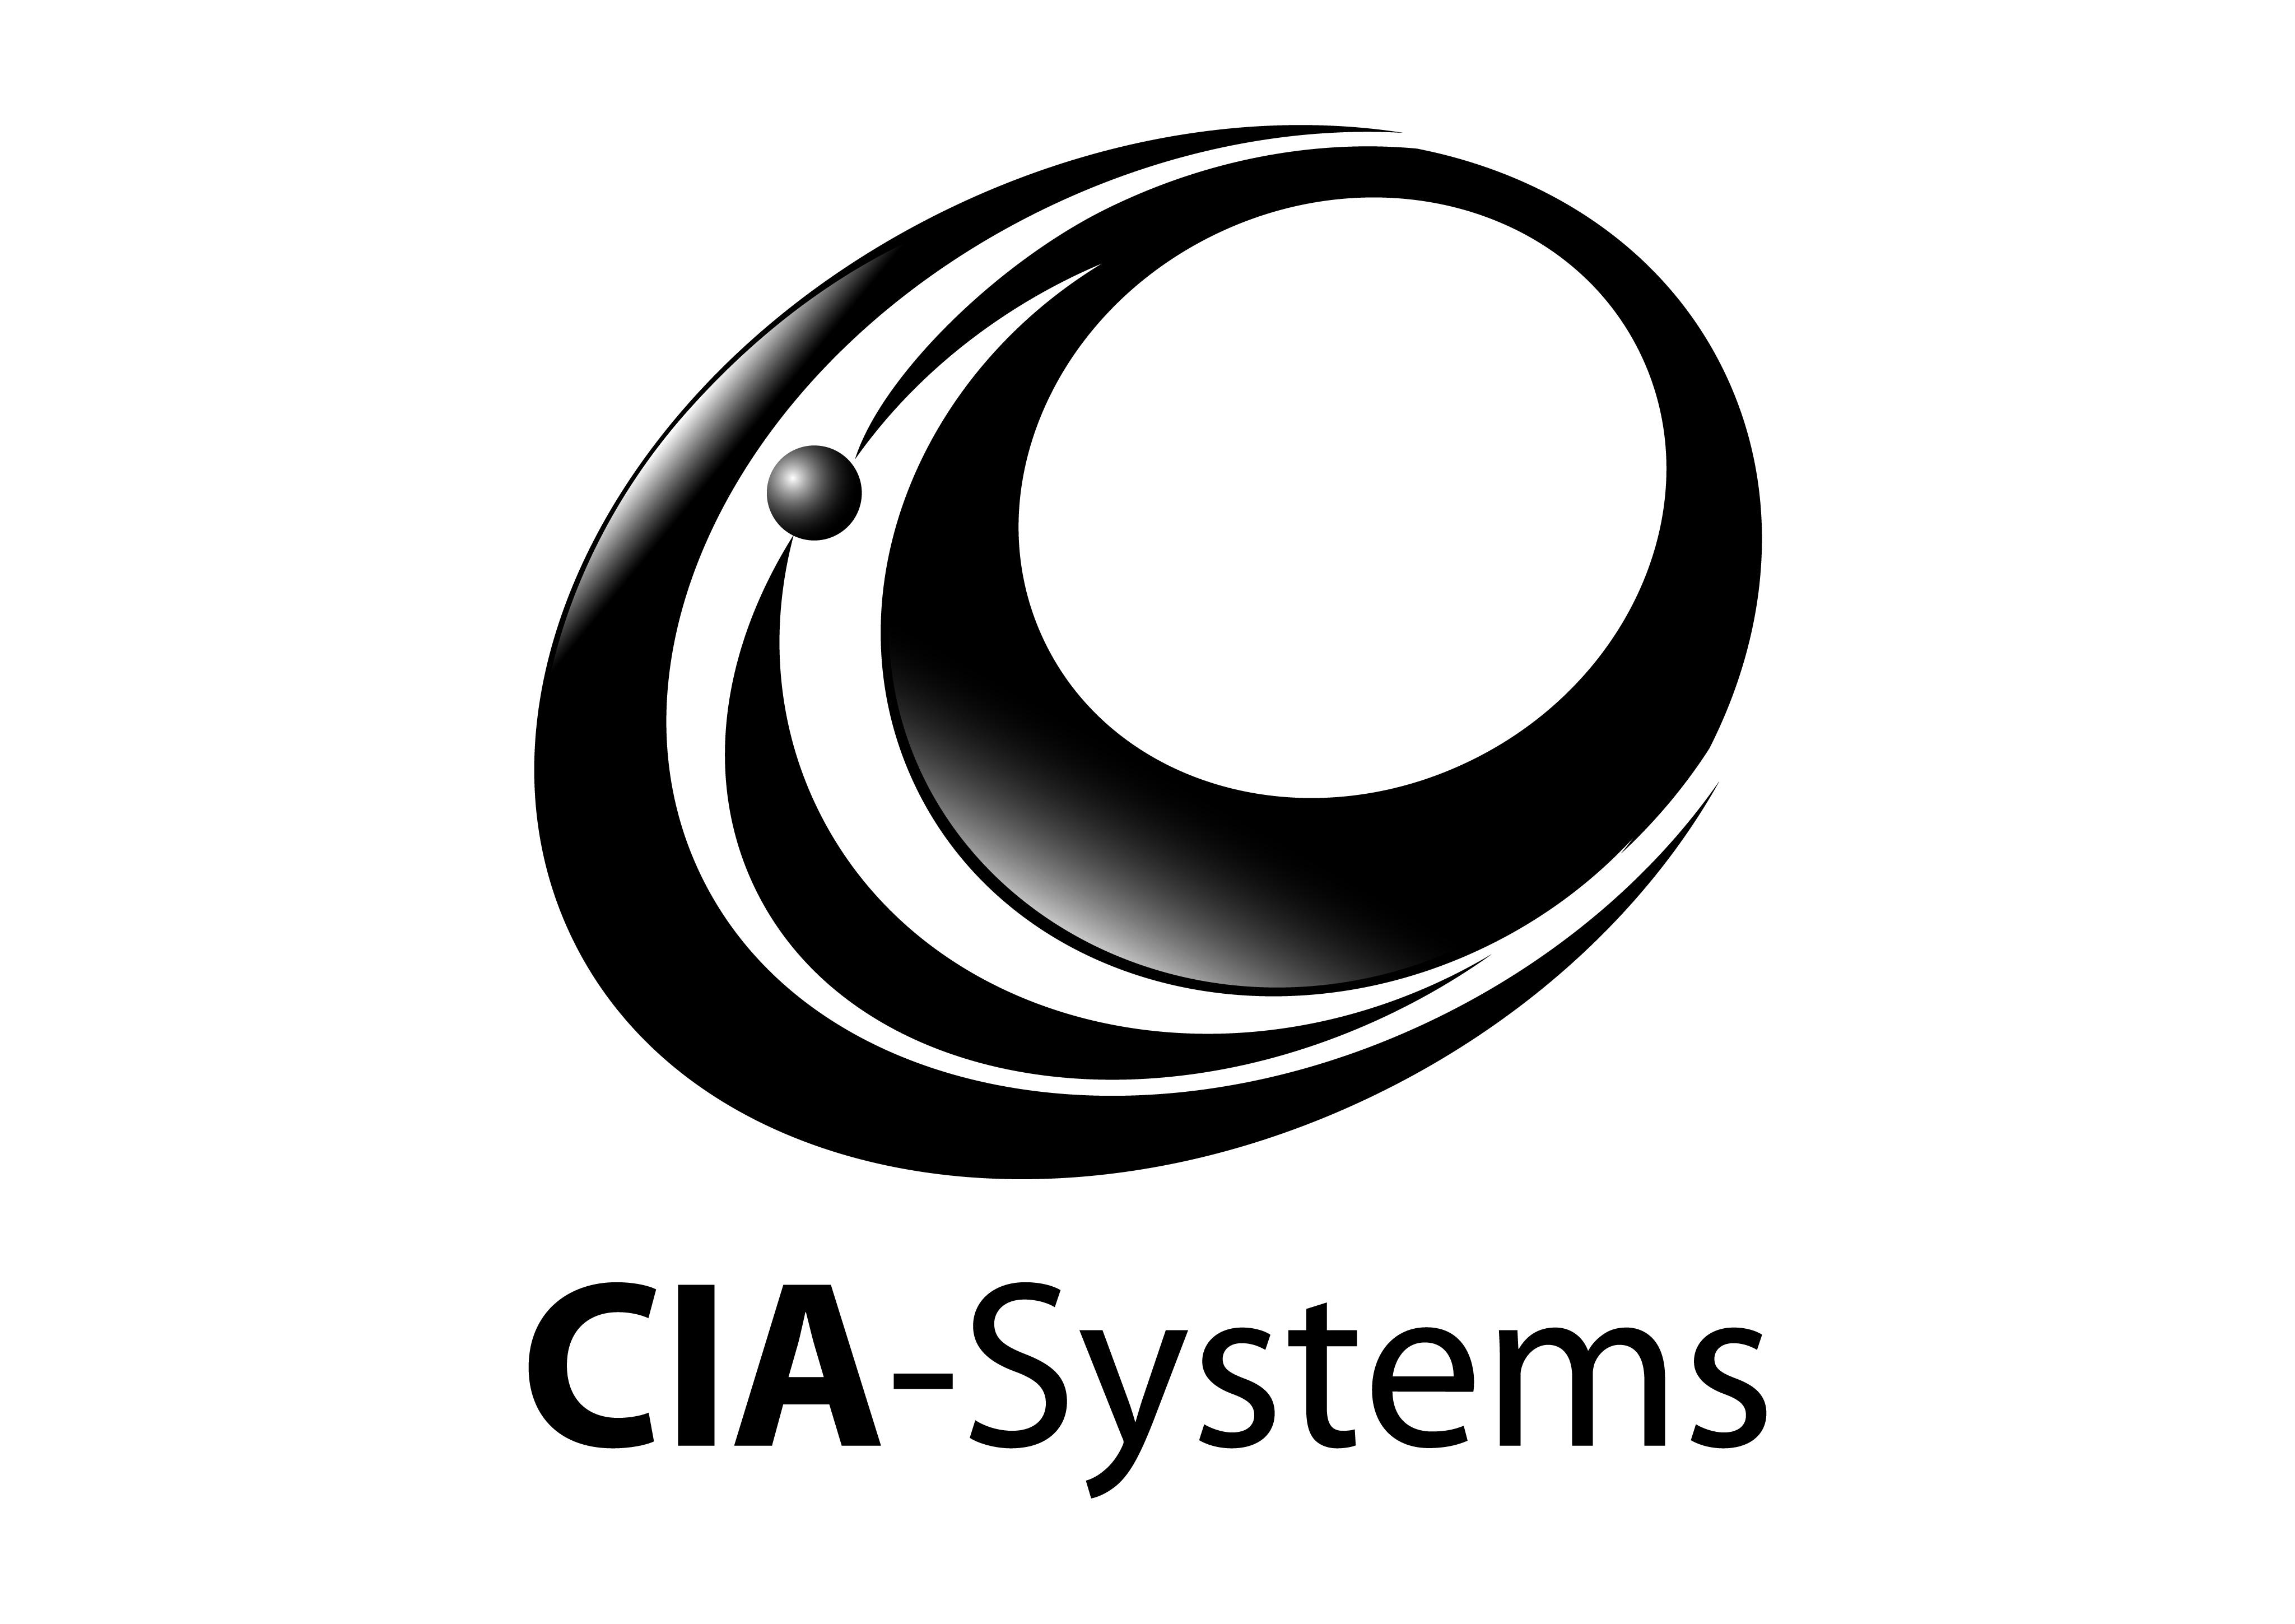 株式会社CIAーSYSTEMS